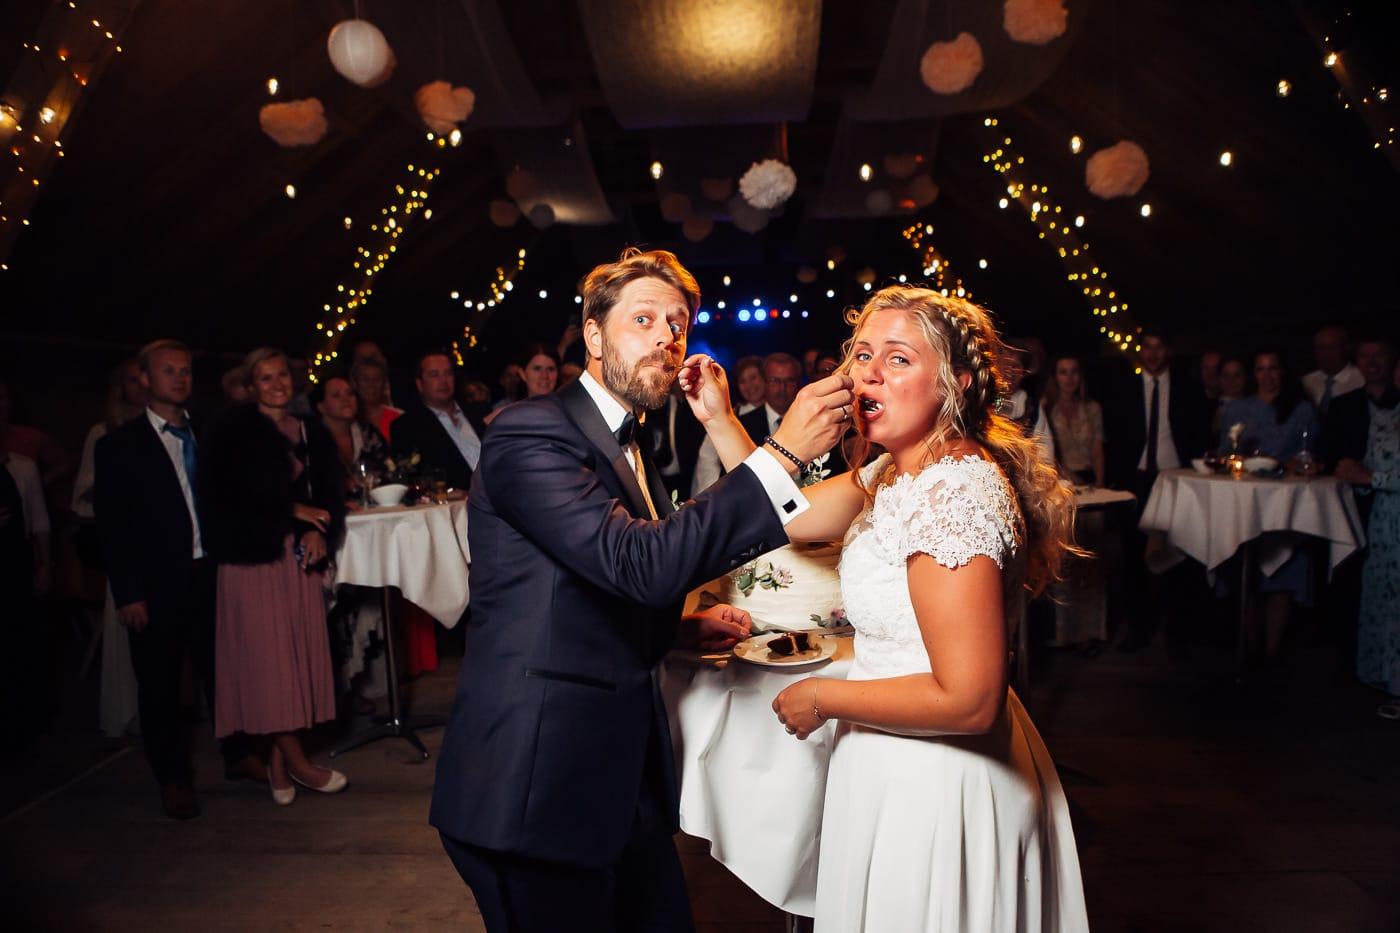 Linn & Frank - rørende og vakkert låvebryllup i Minnesund Bryllupsbilder Minnesund Eidsvoll 92 Brudepar